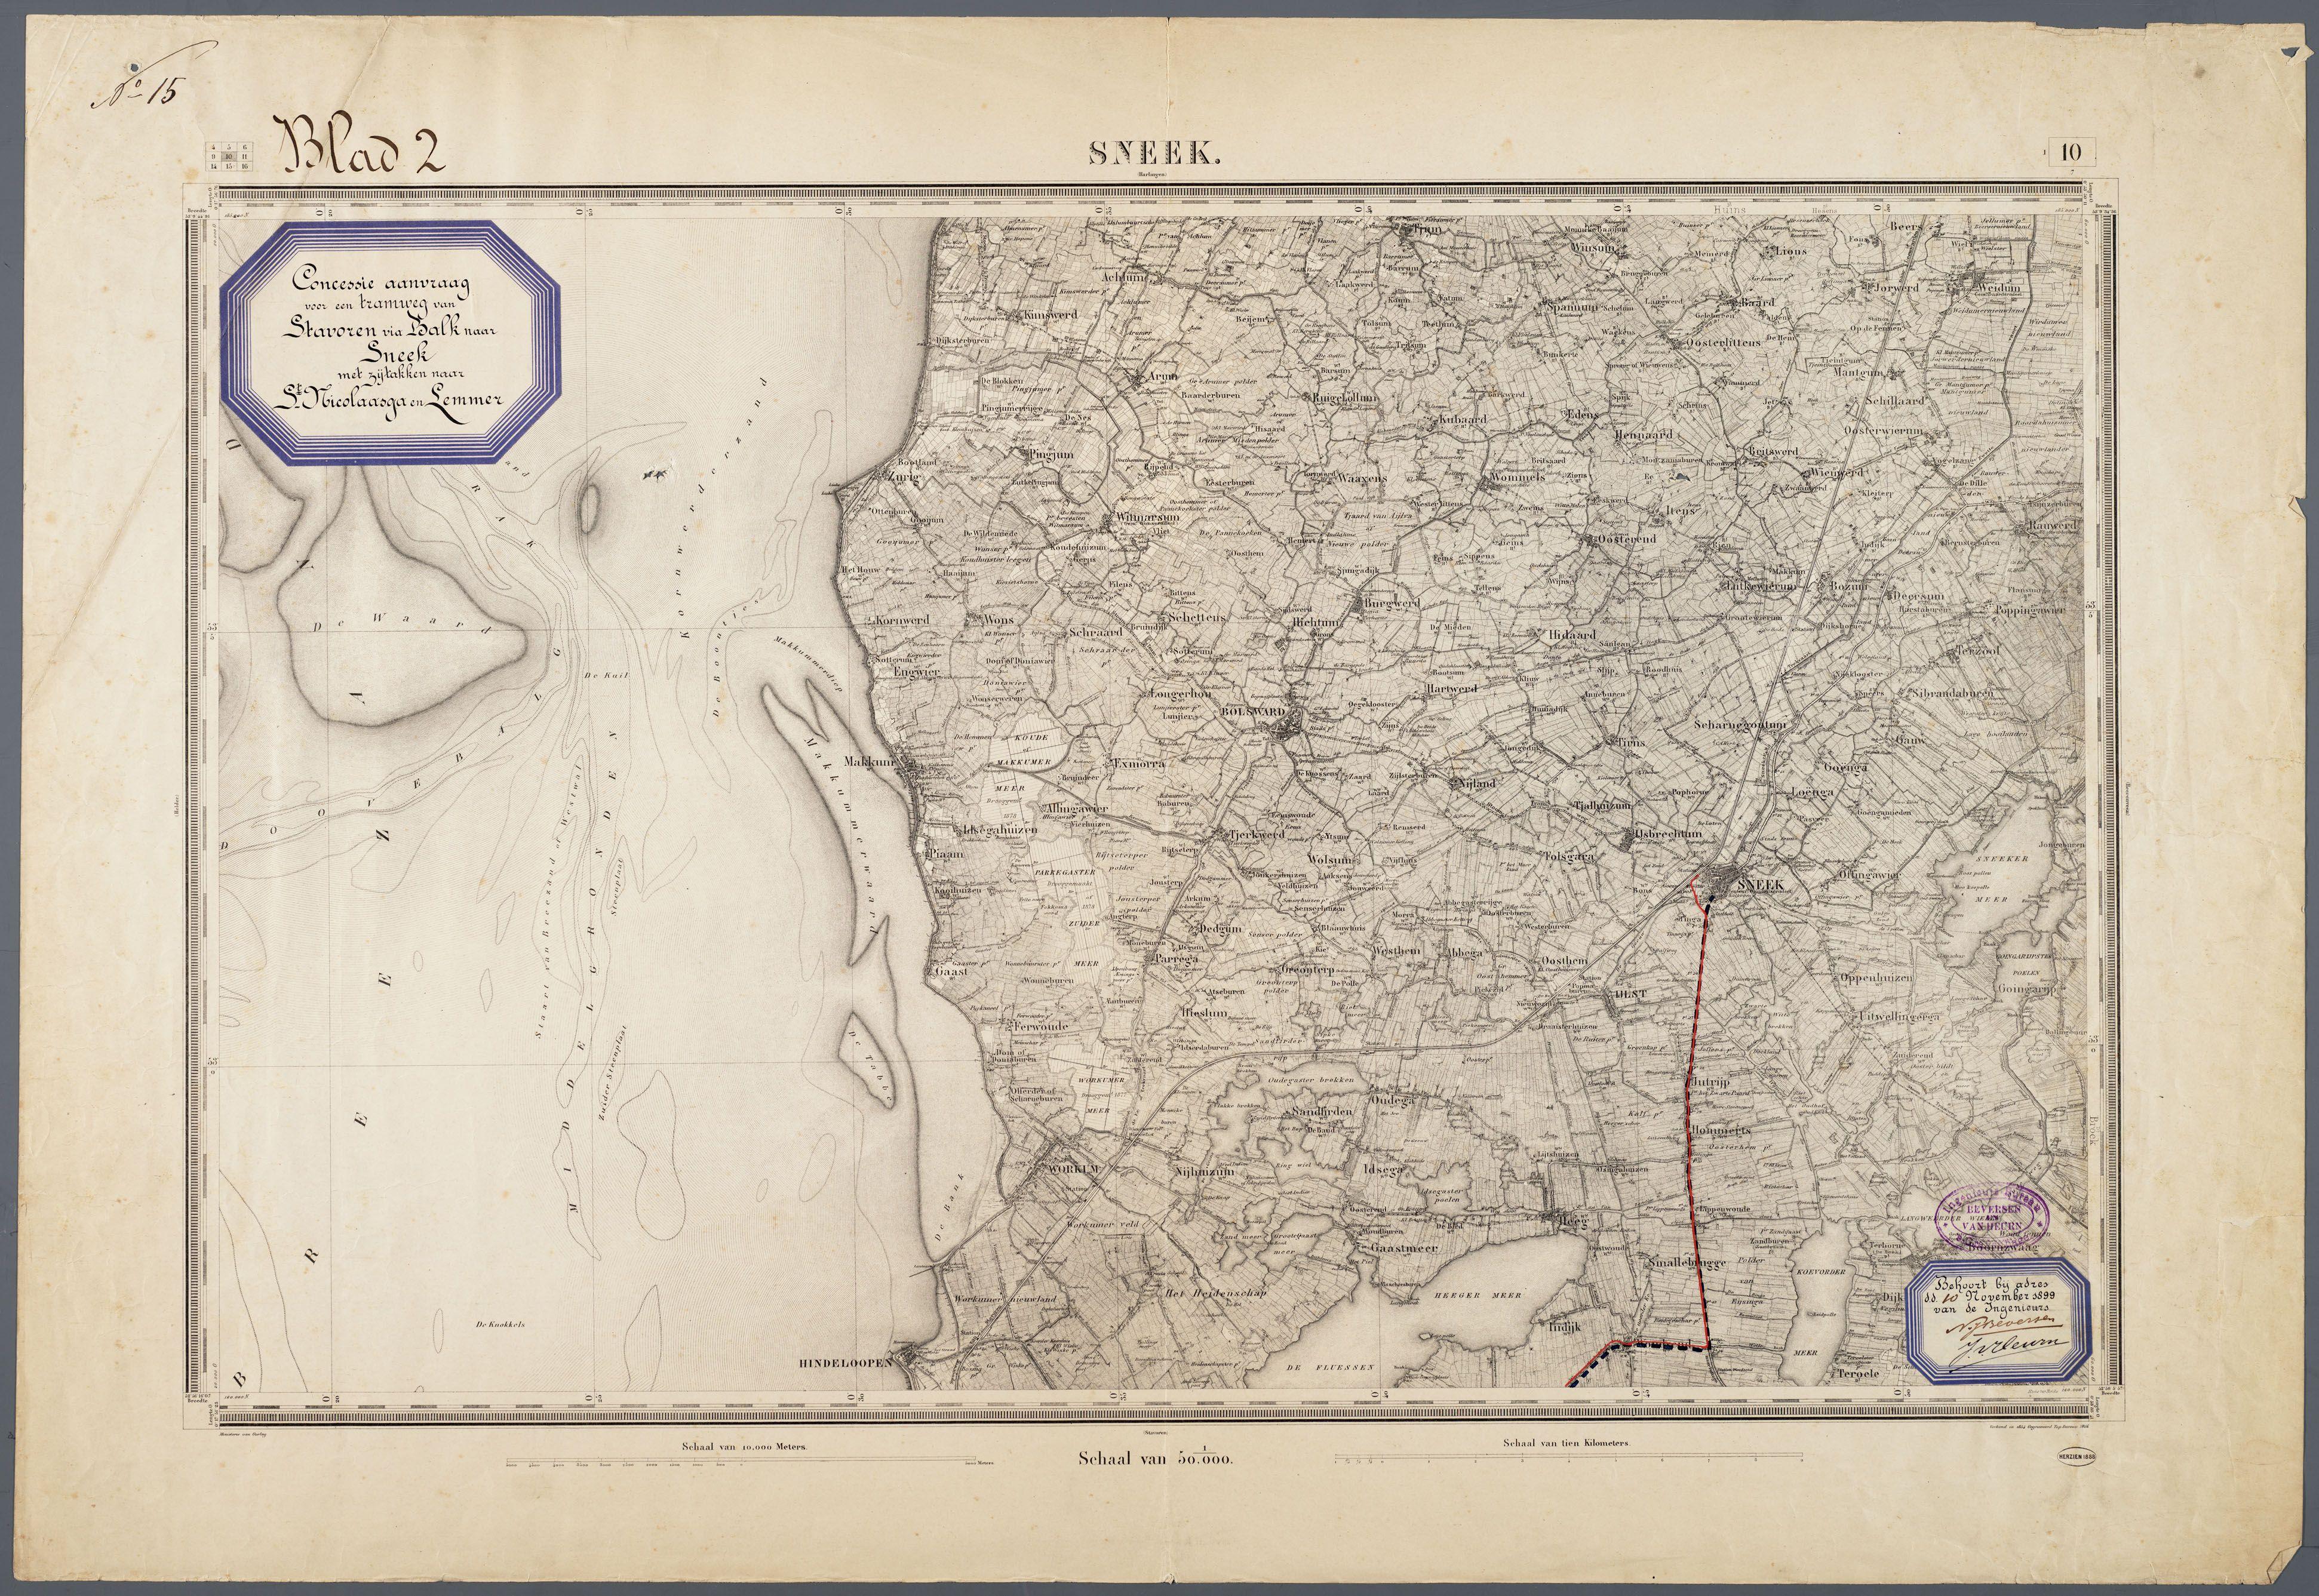 Kaart Van Zuidwest Friesland Met Daarop Een Tramweg Tussen